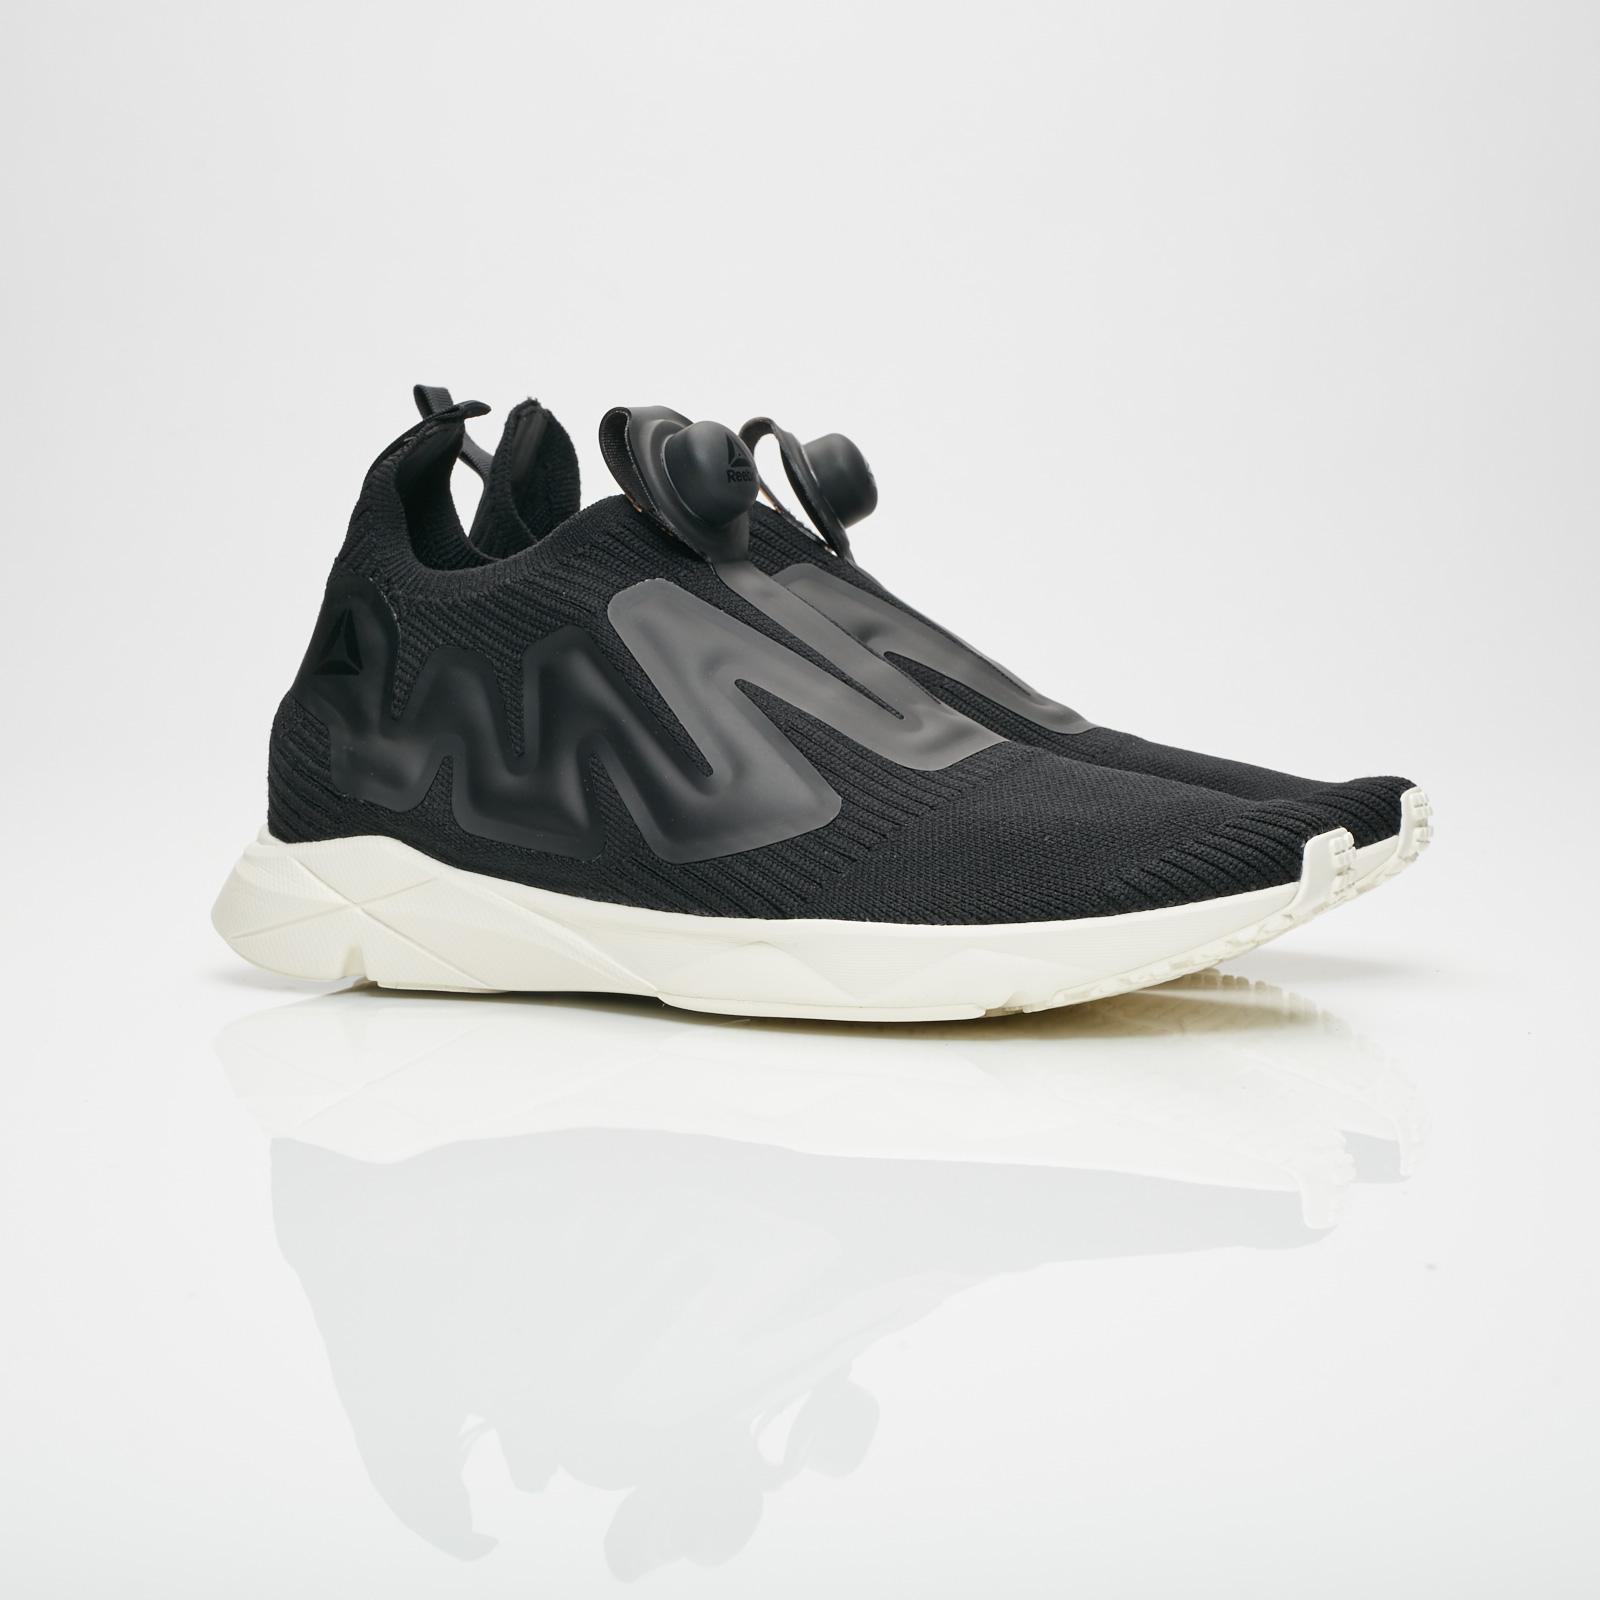 b5694b4c Reebok Pump Supreme Style - Cn1878 - Sneakersnstuff | sneakers ...